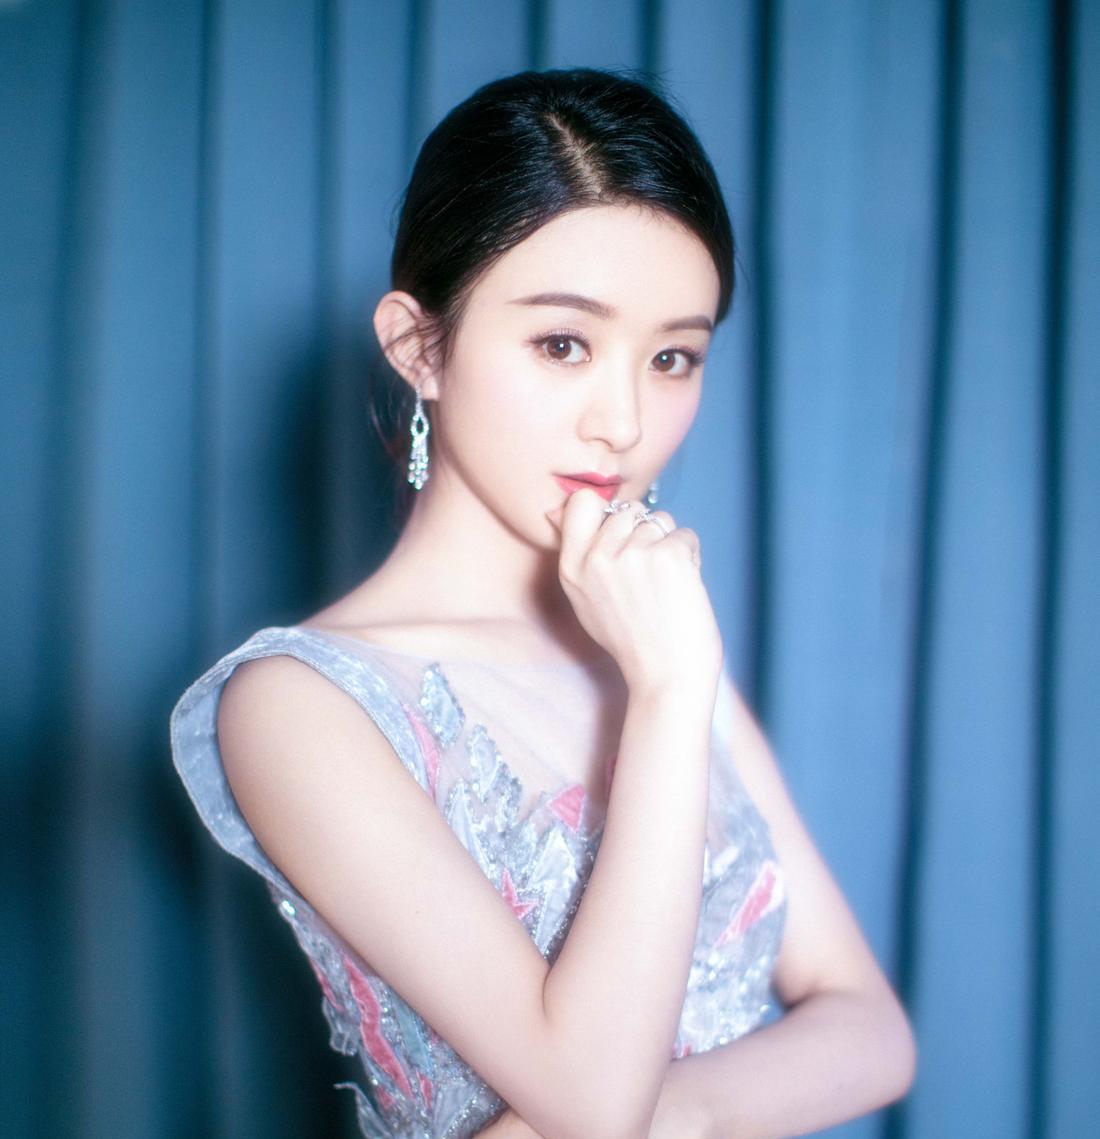 """《楚乔传》:颖宝皱眉环节很多,为什么没有""""川字纹""""呢?"""